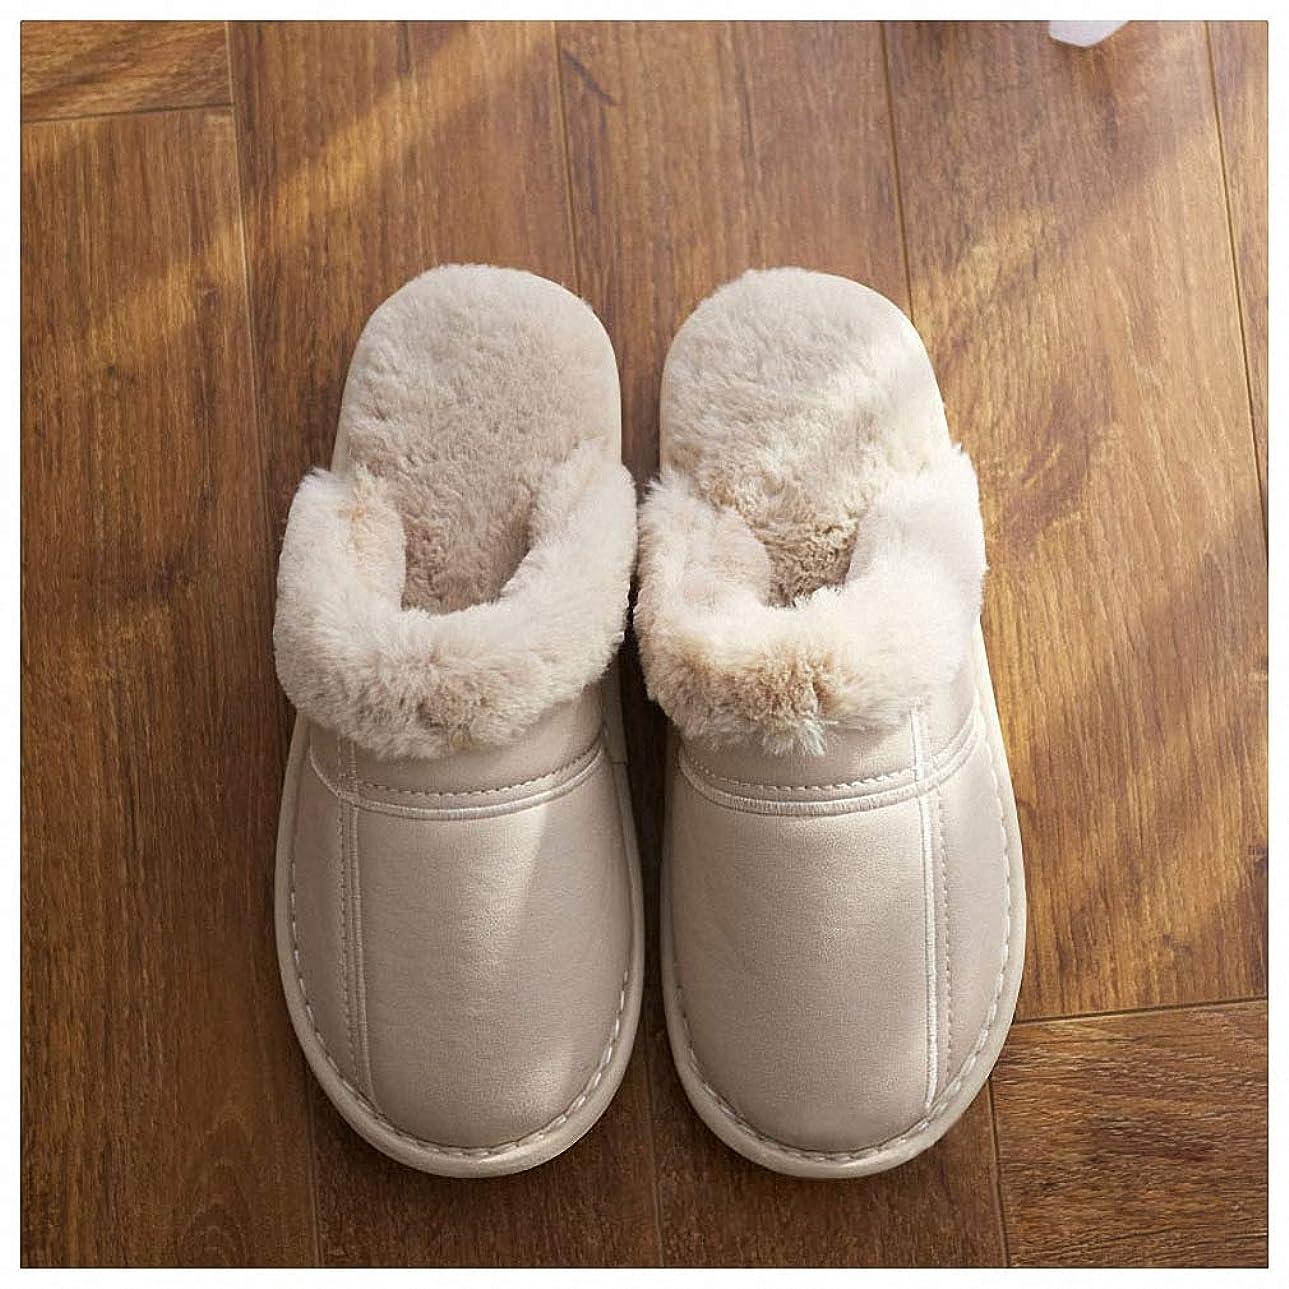 項目なしで即席レディース冬暖かいスリッパ レディーススリッパ コットン羊愛好家ホームスリッパ インドアプラッシュサイズハウスシューズ レディース